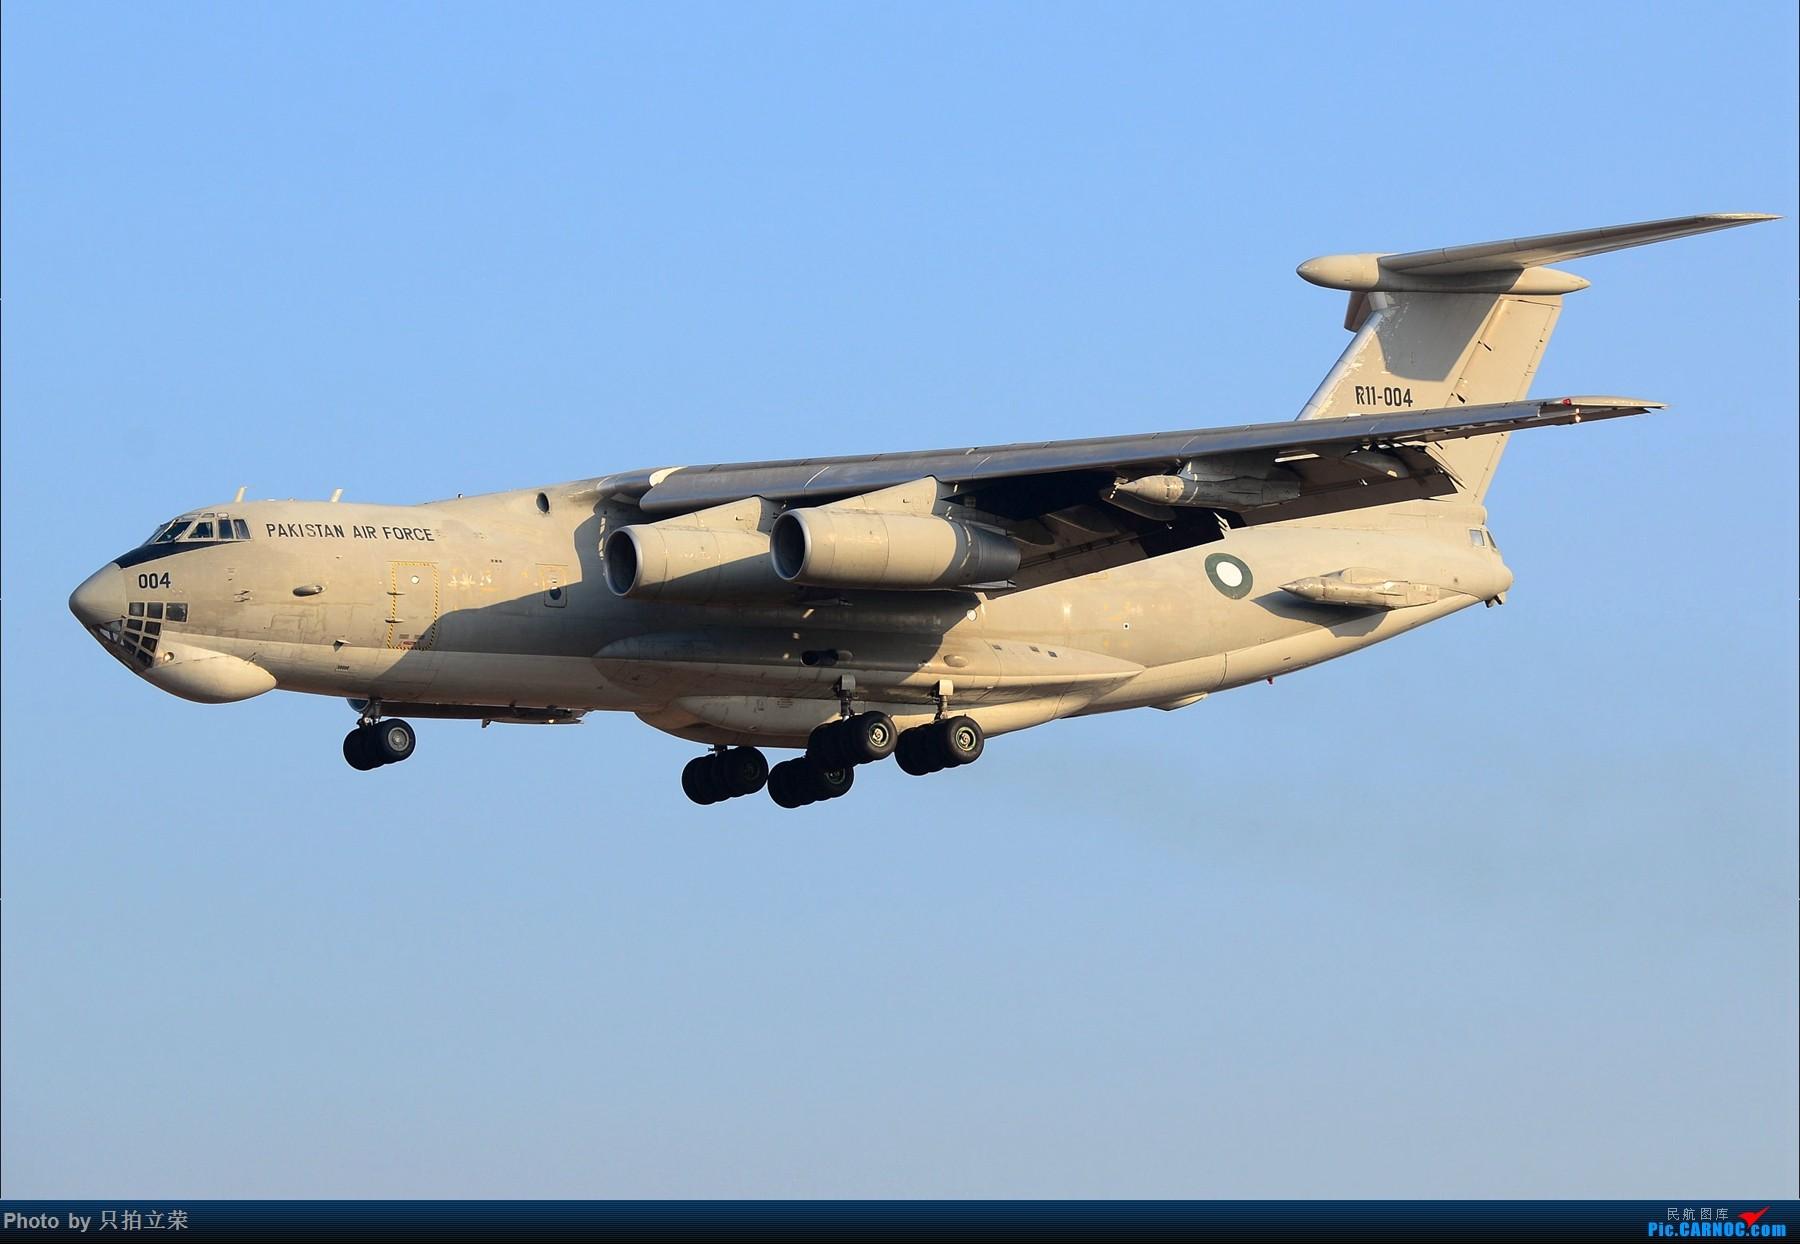 [原创]湖南飞友会-难得好天气巴铁伊尔-78再访长沙! ILYUSHIN IL-78 R11-004 中国长沙黄花国际机场